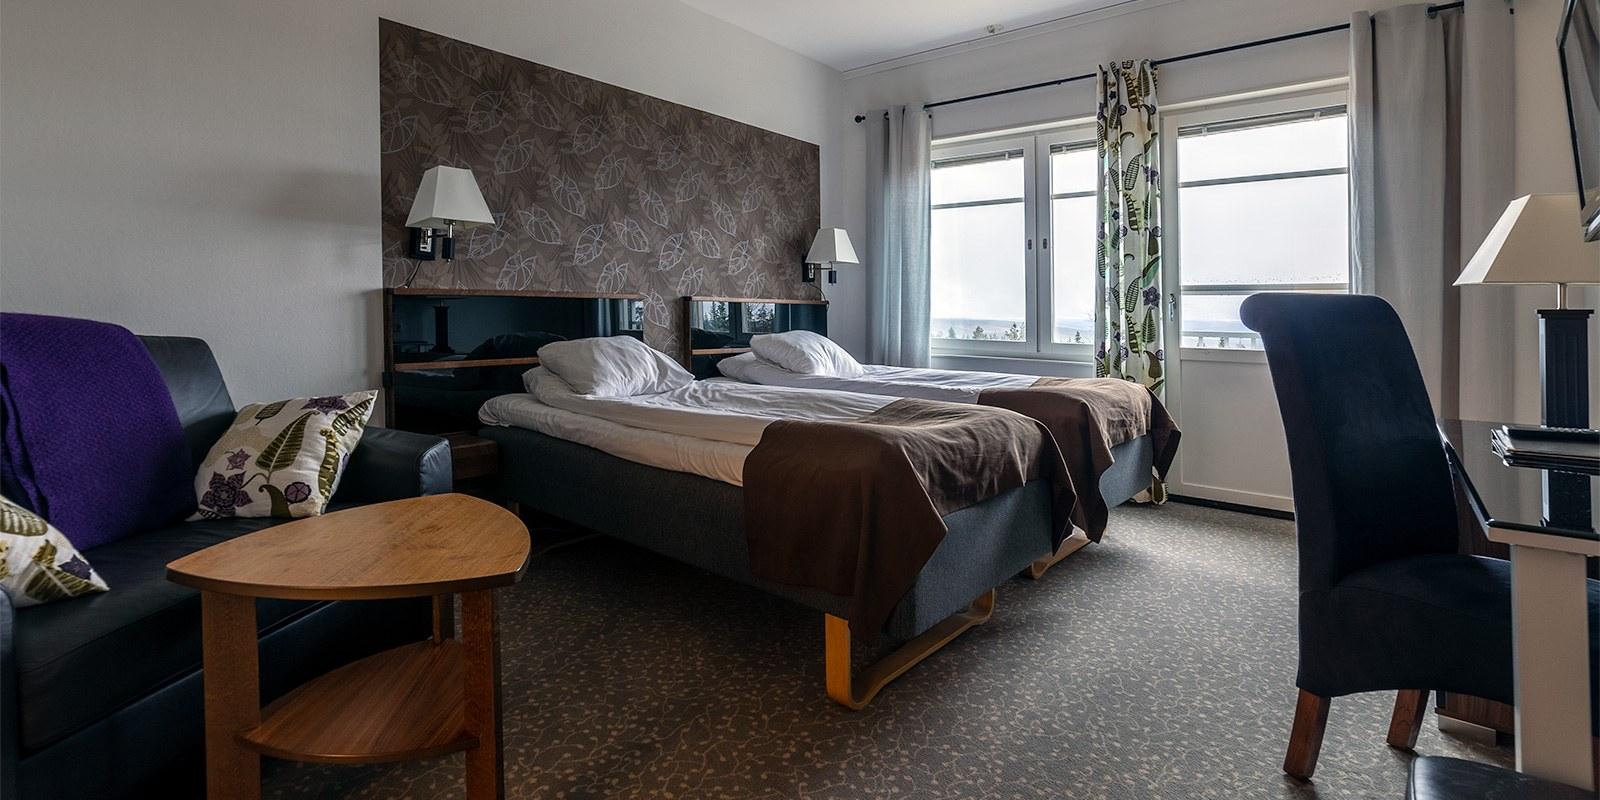 kallan-hotell-enkelrum